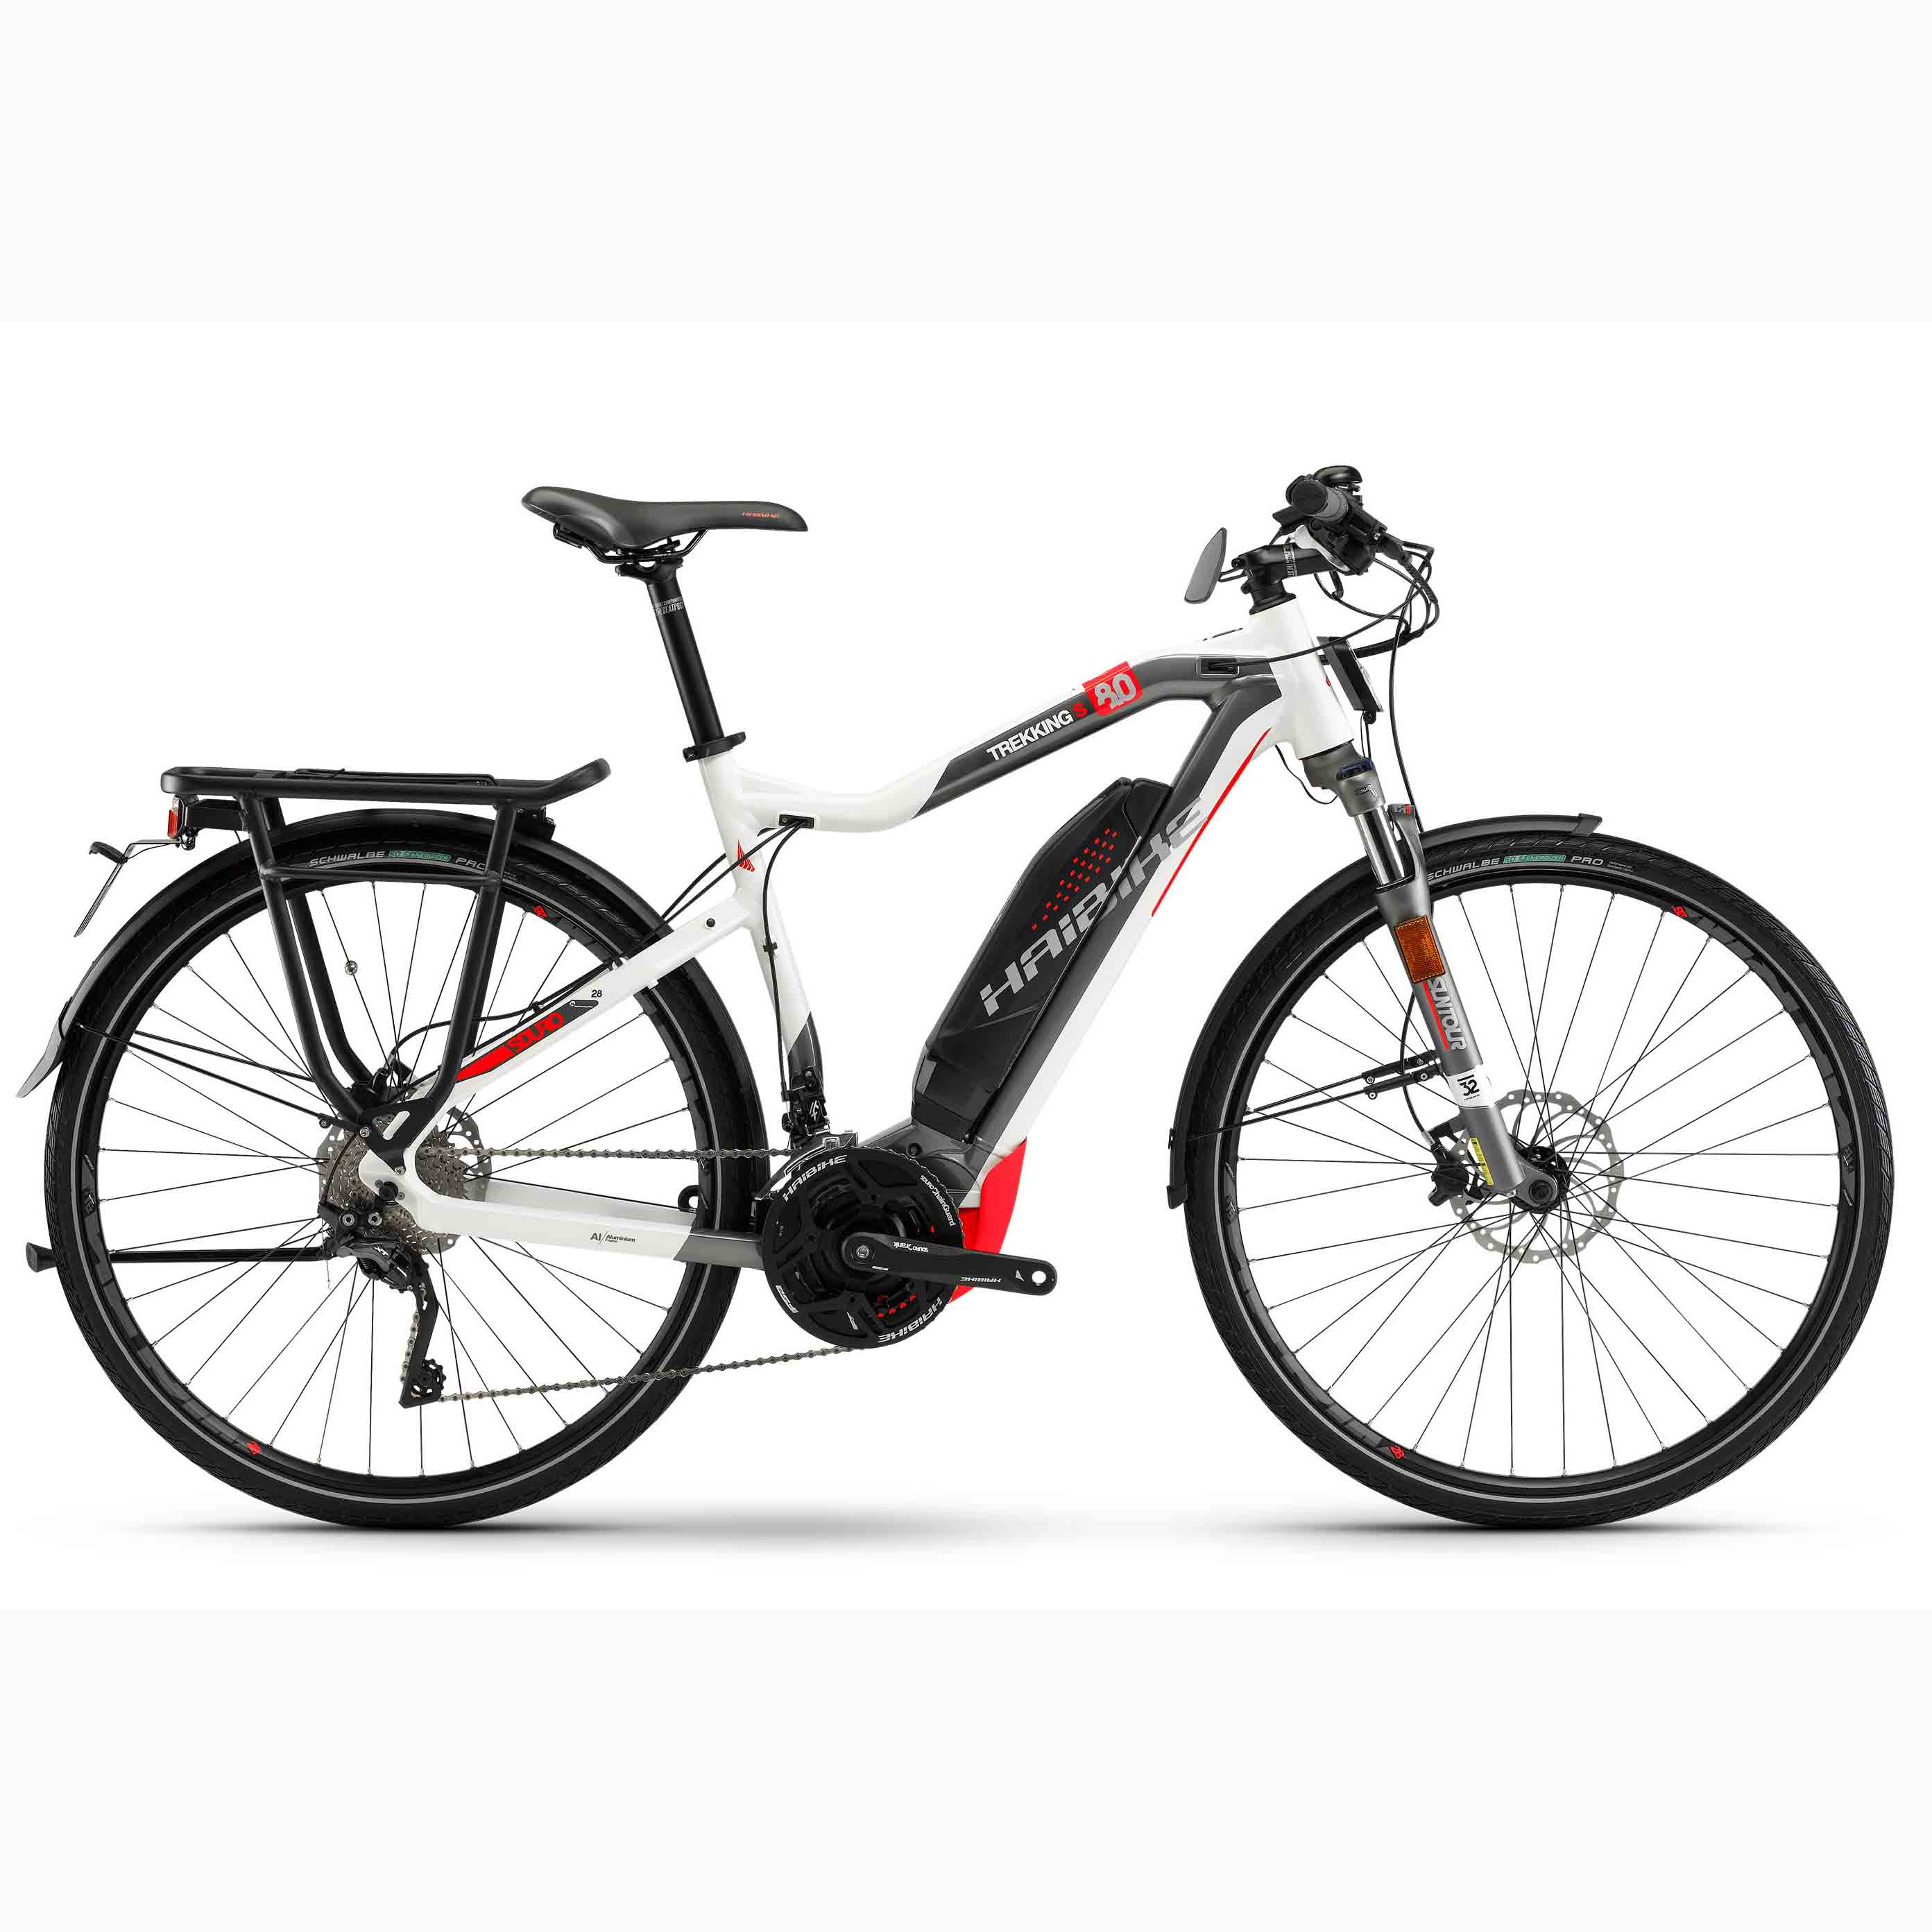 Фото Велосипед Haibike SDURO Trekking S 8.0 28″ 500Wh 45км/ч, рама 56см, 2018